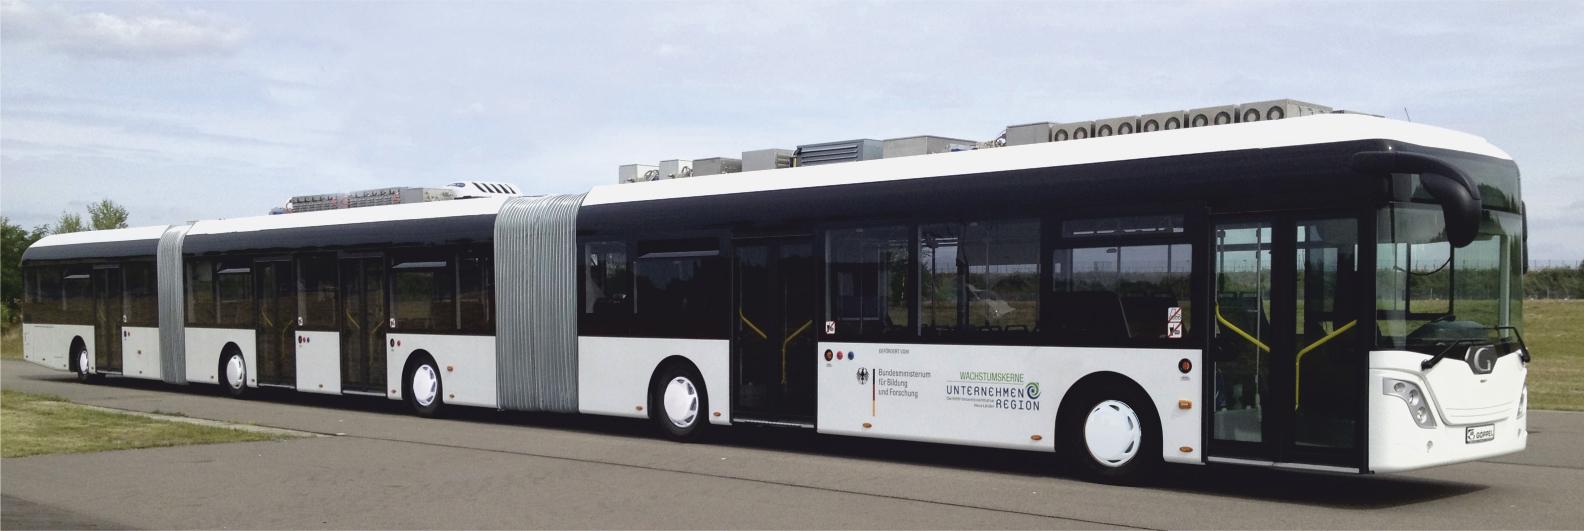 Najdłuższy autobus świata